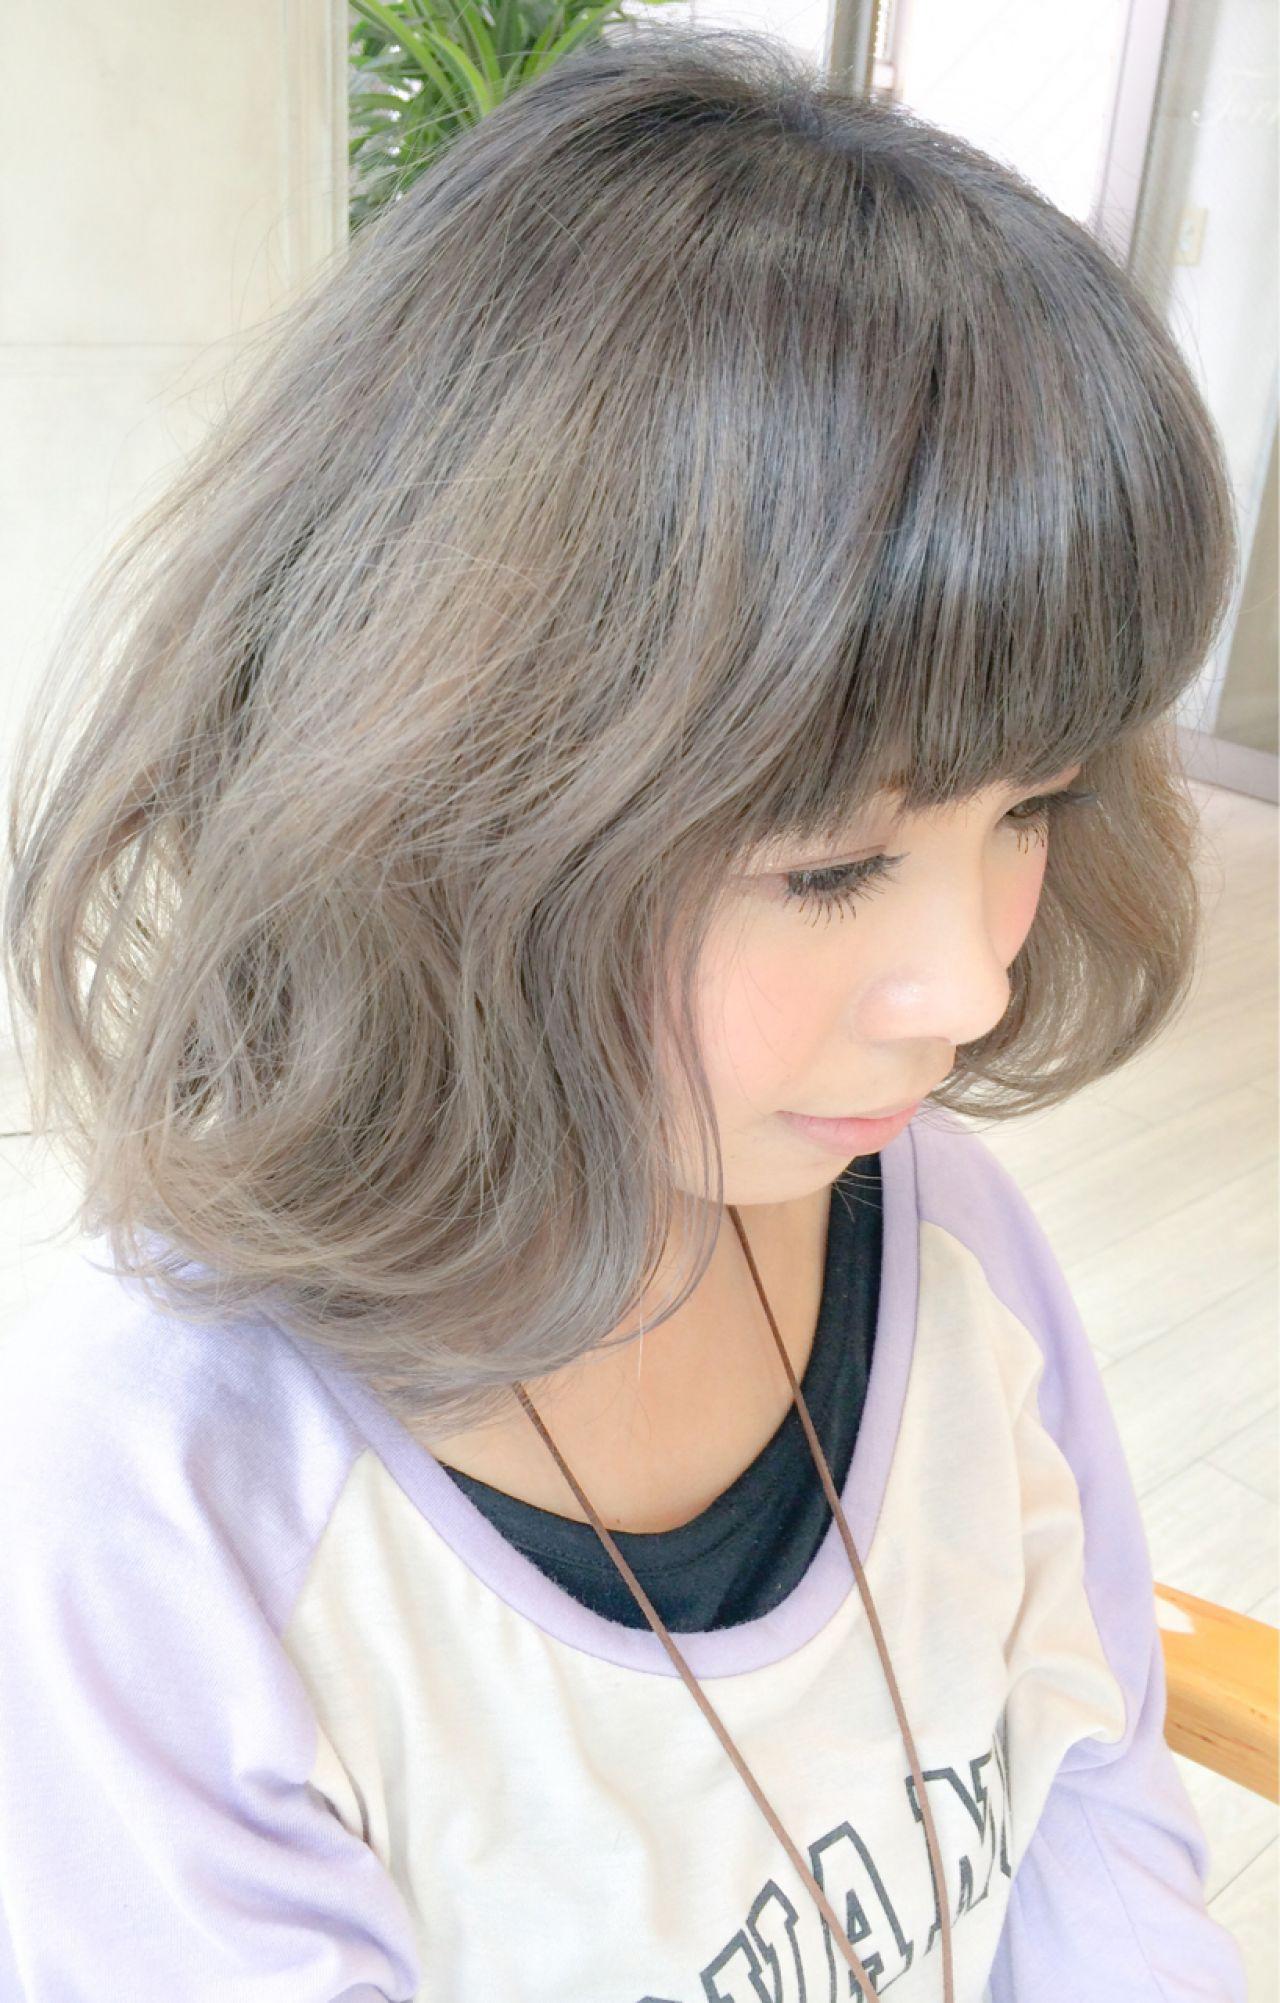 グラデーションカラー ストリート ガーリー グレージュ ヘアスタイルや髪型の写真・画像